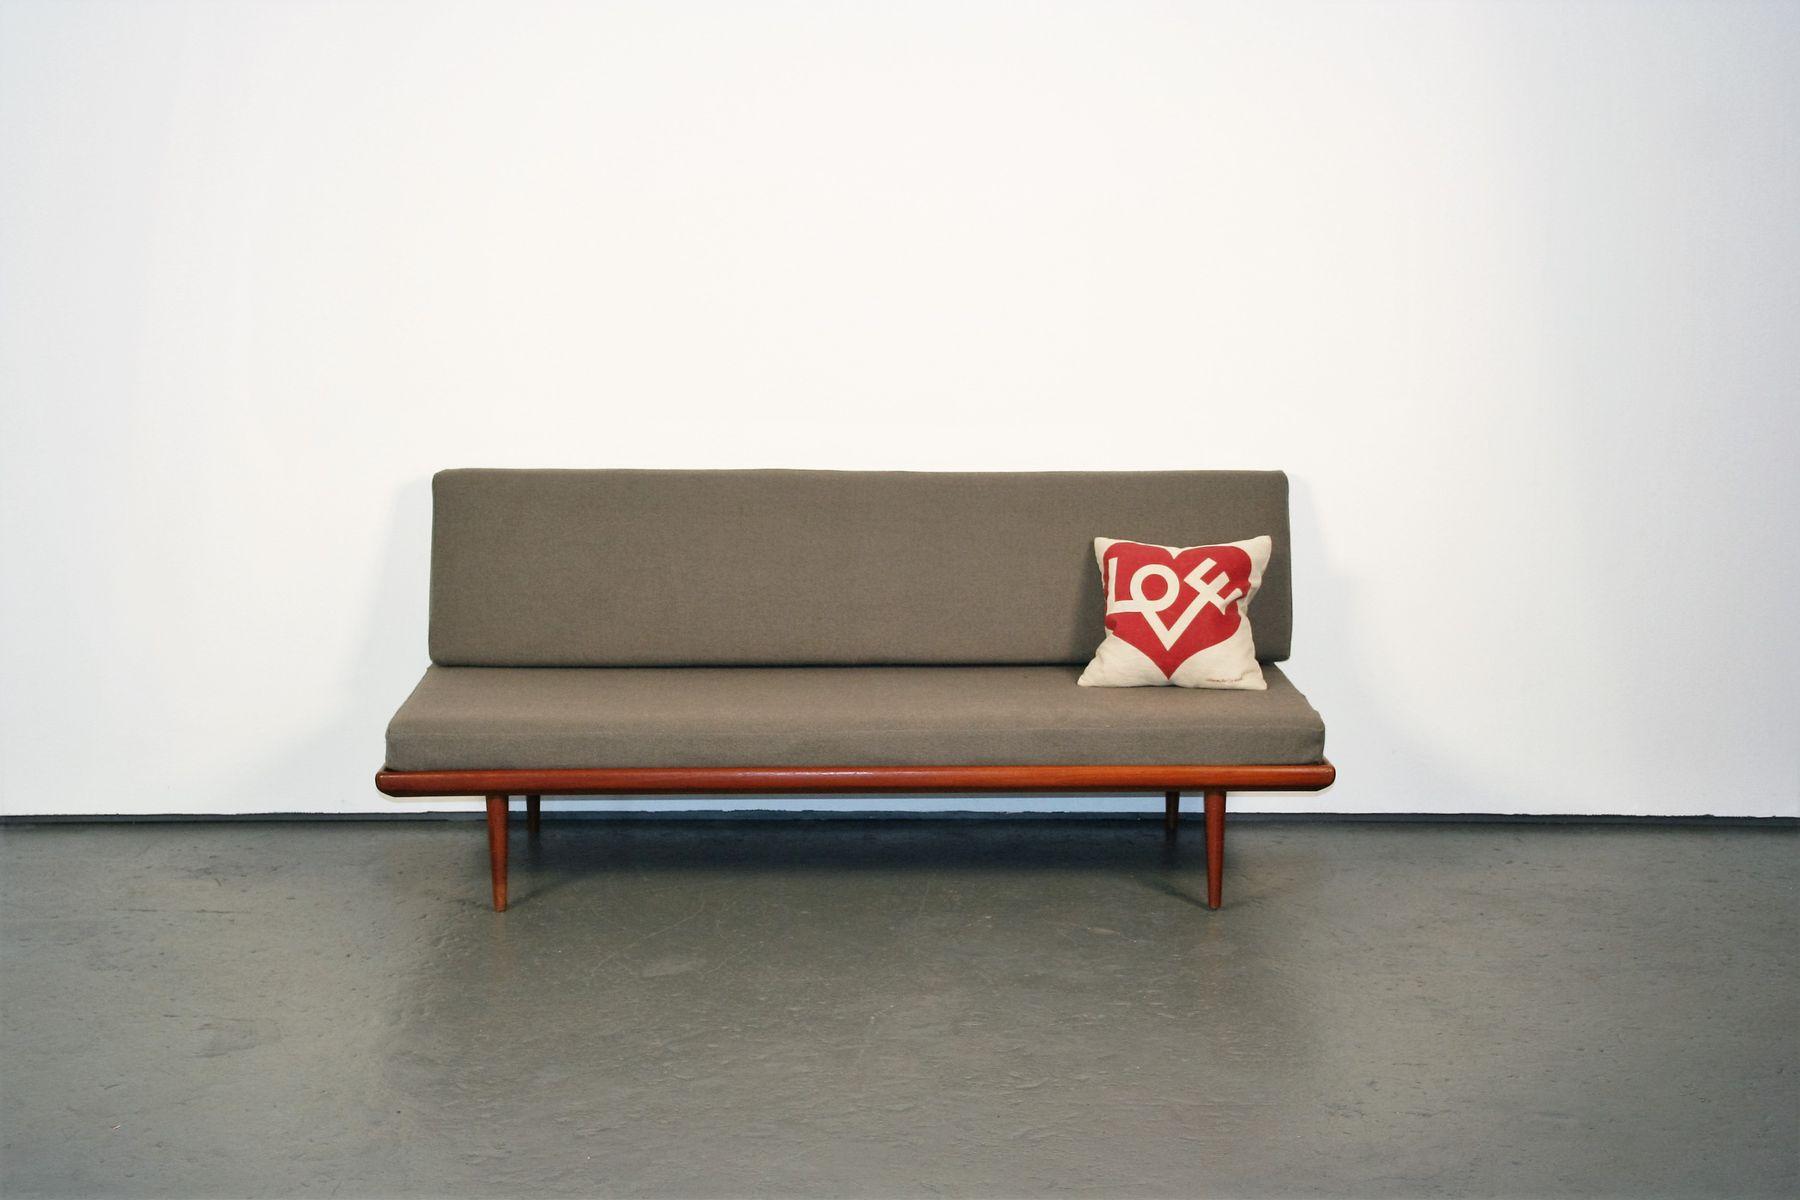 Minerva Daybed Sofa in Teak by Peter Hvidt & Orla M¸lgaard Nielsen